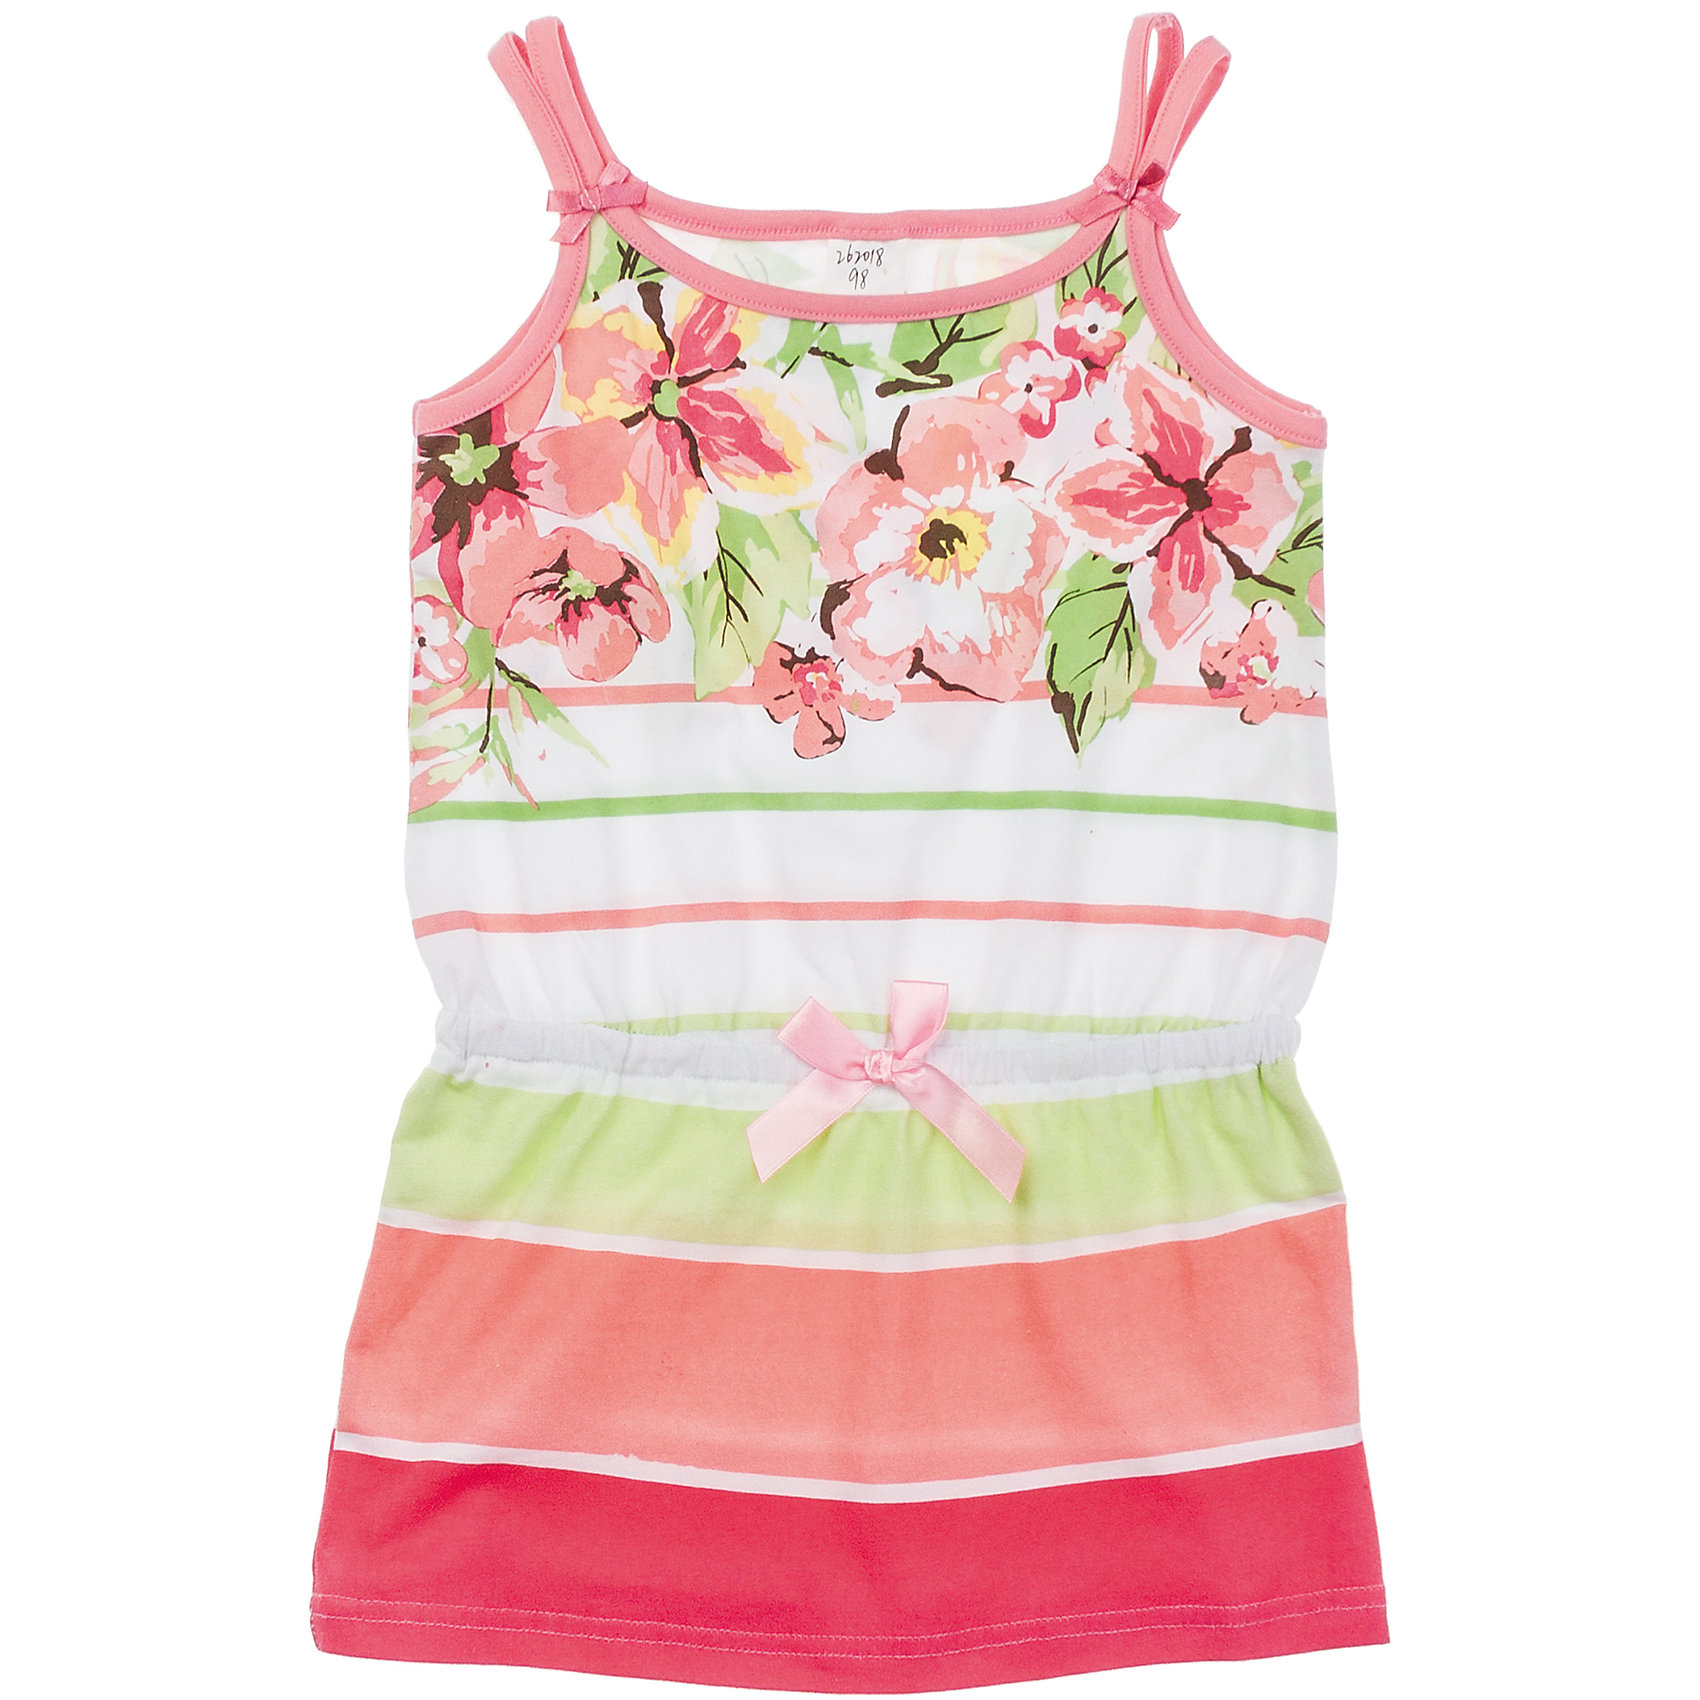 Платье PlayTodayМягкое хлопковое платье в полоску. Украшено водным принтом с нежными цветочками. Пояс на резинке, спереди и сзади бантики. Состав: 95% хлопок, 5% эластан<br><br>Ширина мм: 236<br>Глубина мм: 16<br>Высота мм: 184<br>Вес г: 177<br>Цвет: белый<br>Возраст от месяцев: 48<br>Возраст до месяцев: 60<br>Пол: Женский<br>Возраст: Детский<br>Размер: 110,116,104,128,98,122<br>SKU: 4652693